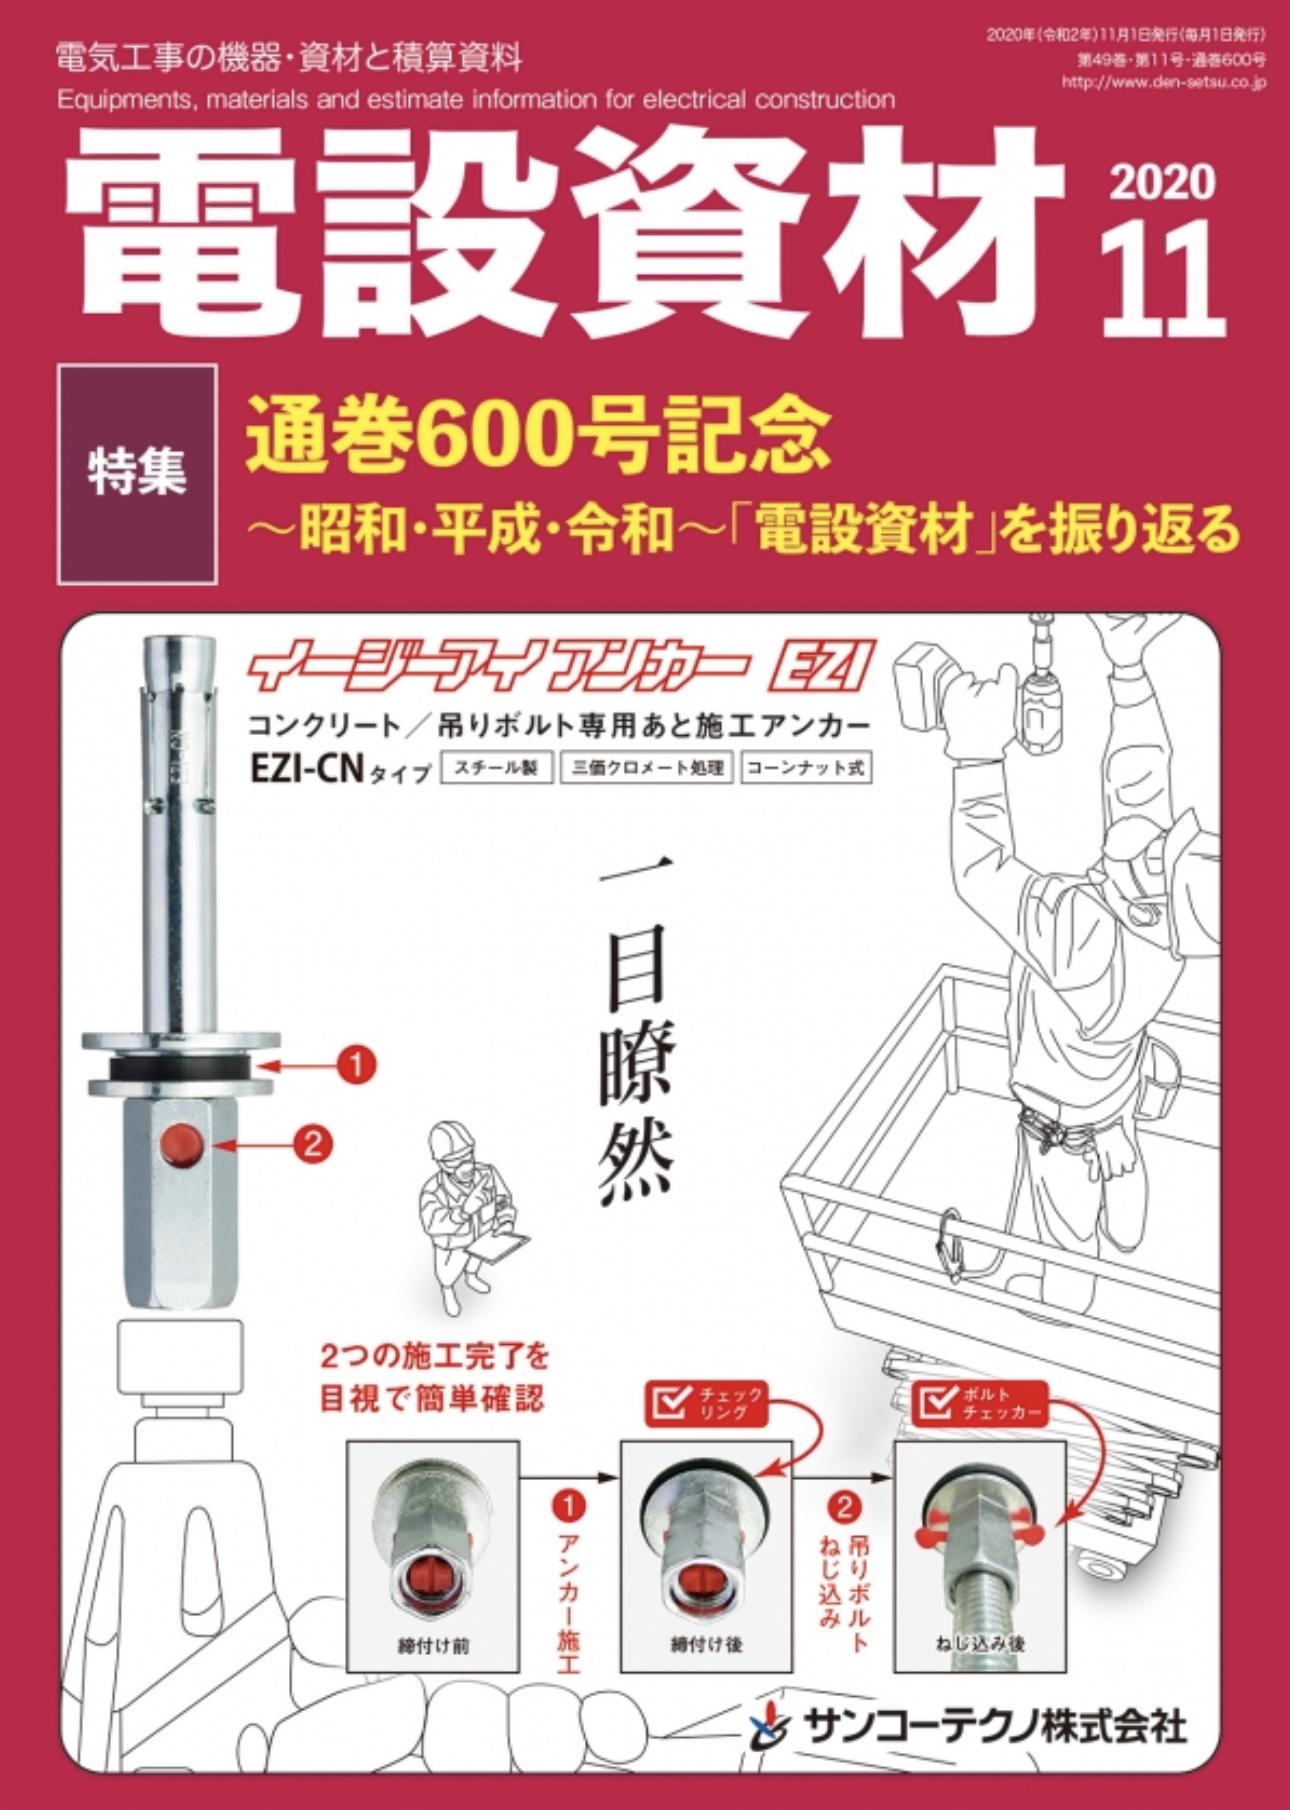 【新刊トピックス 2020年11月】月刊電設資材 2020年11月号の画像